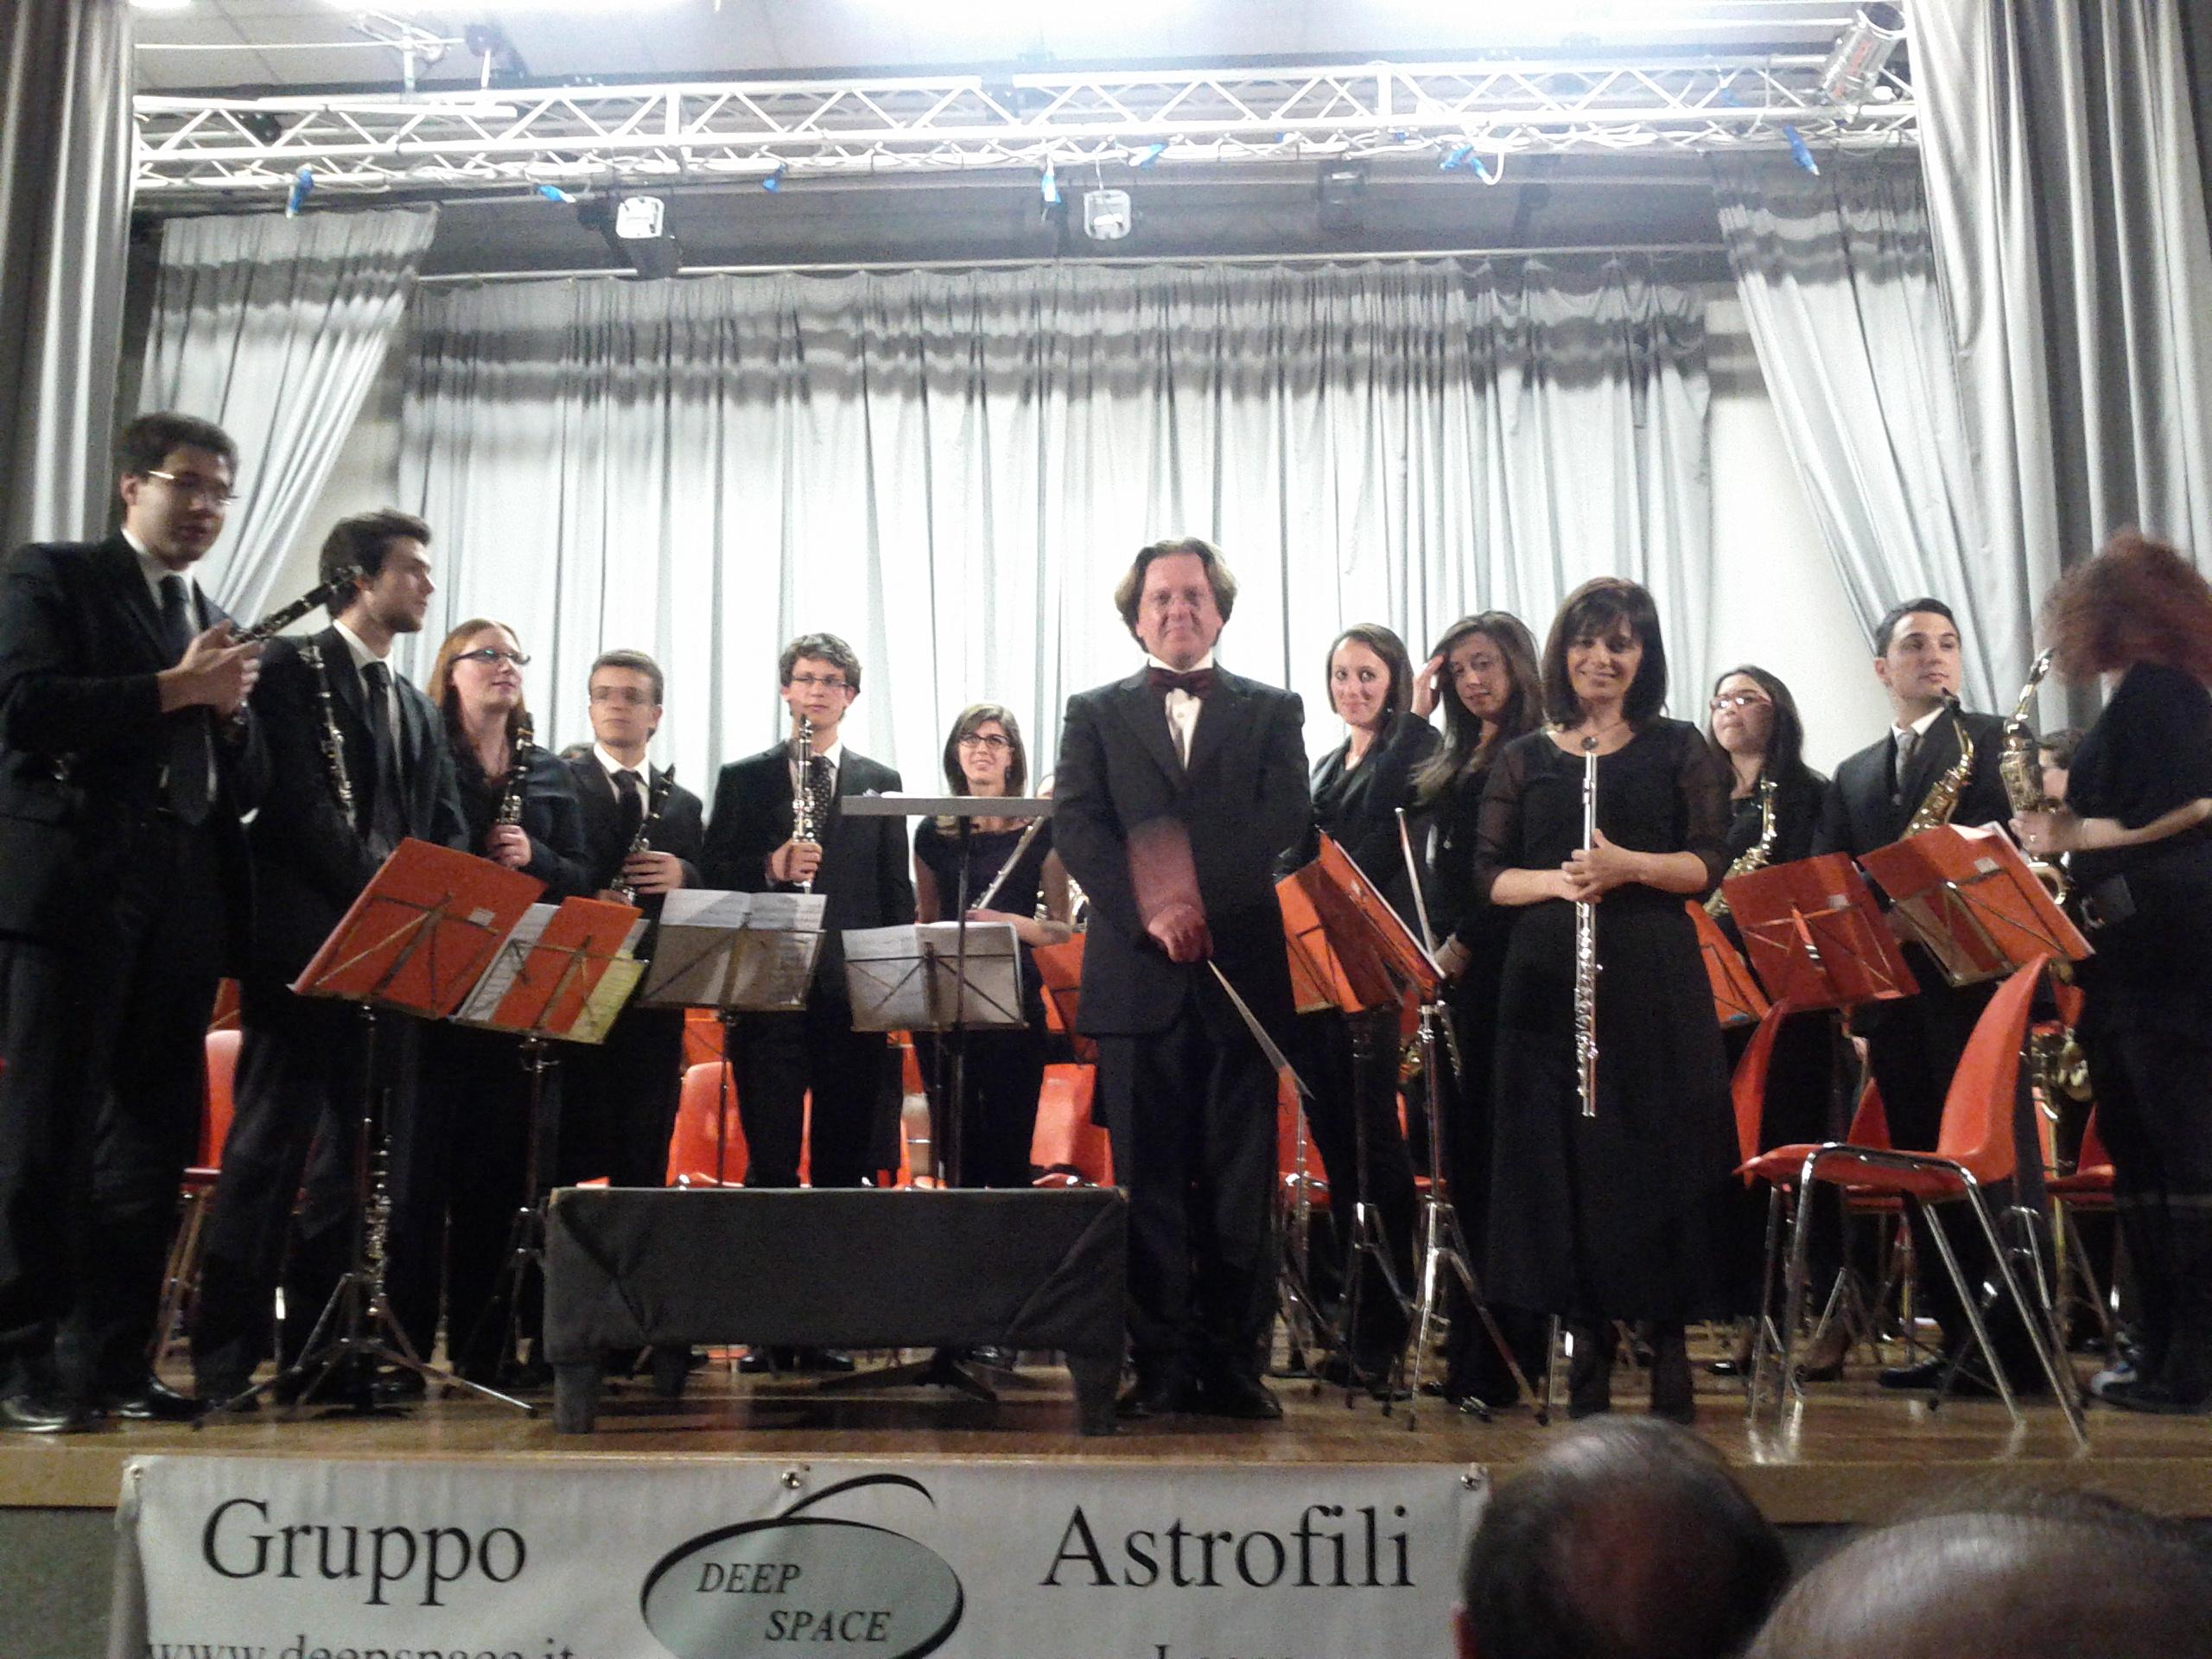 Insubria Wind Orchestra